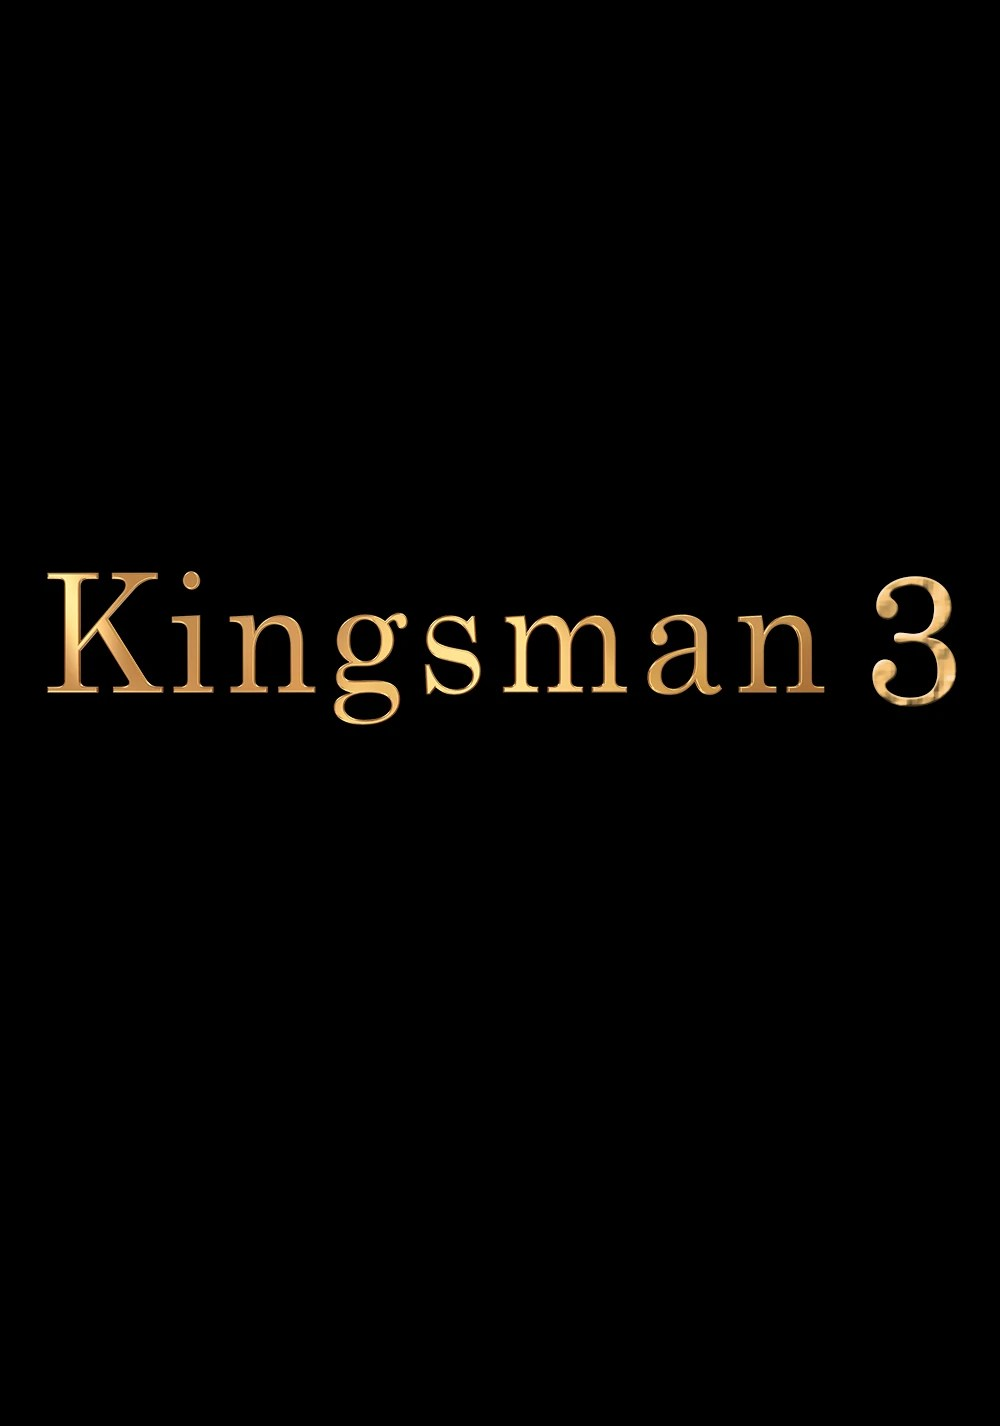 Kingsman 3 The Kingsman Directory FANDOM Powered By Wikia